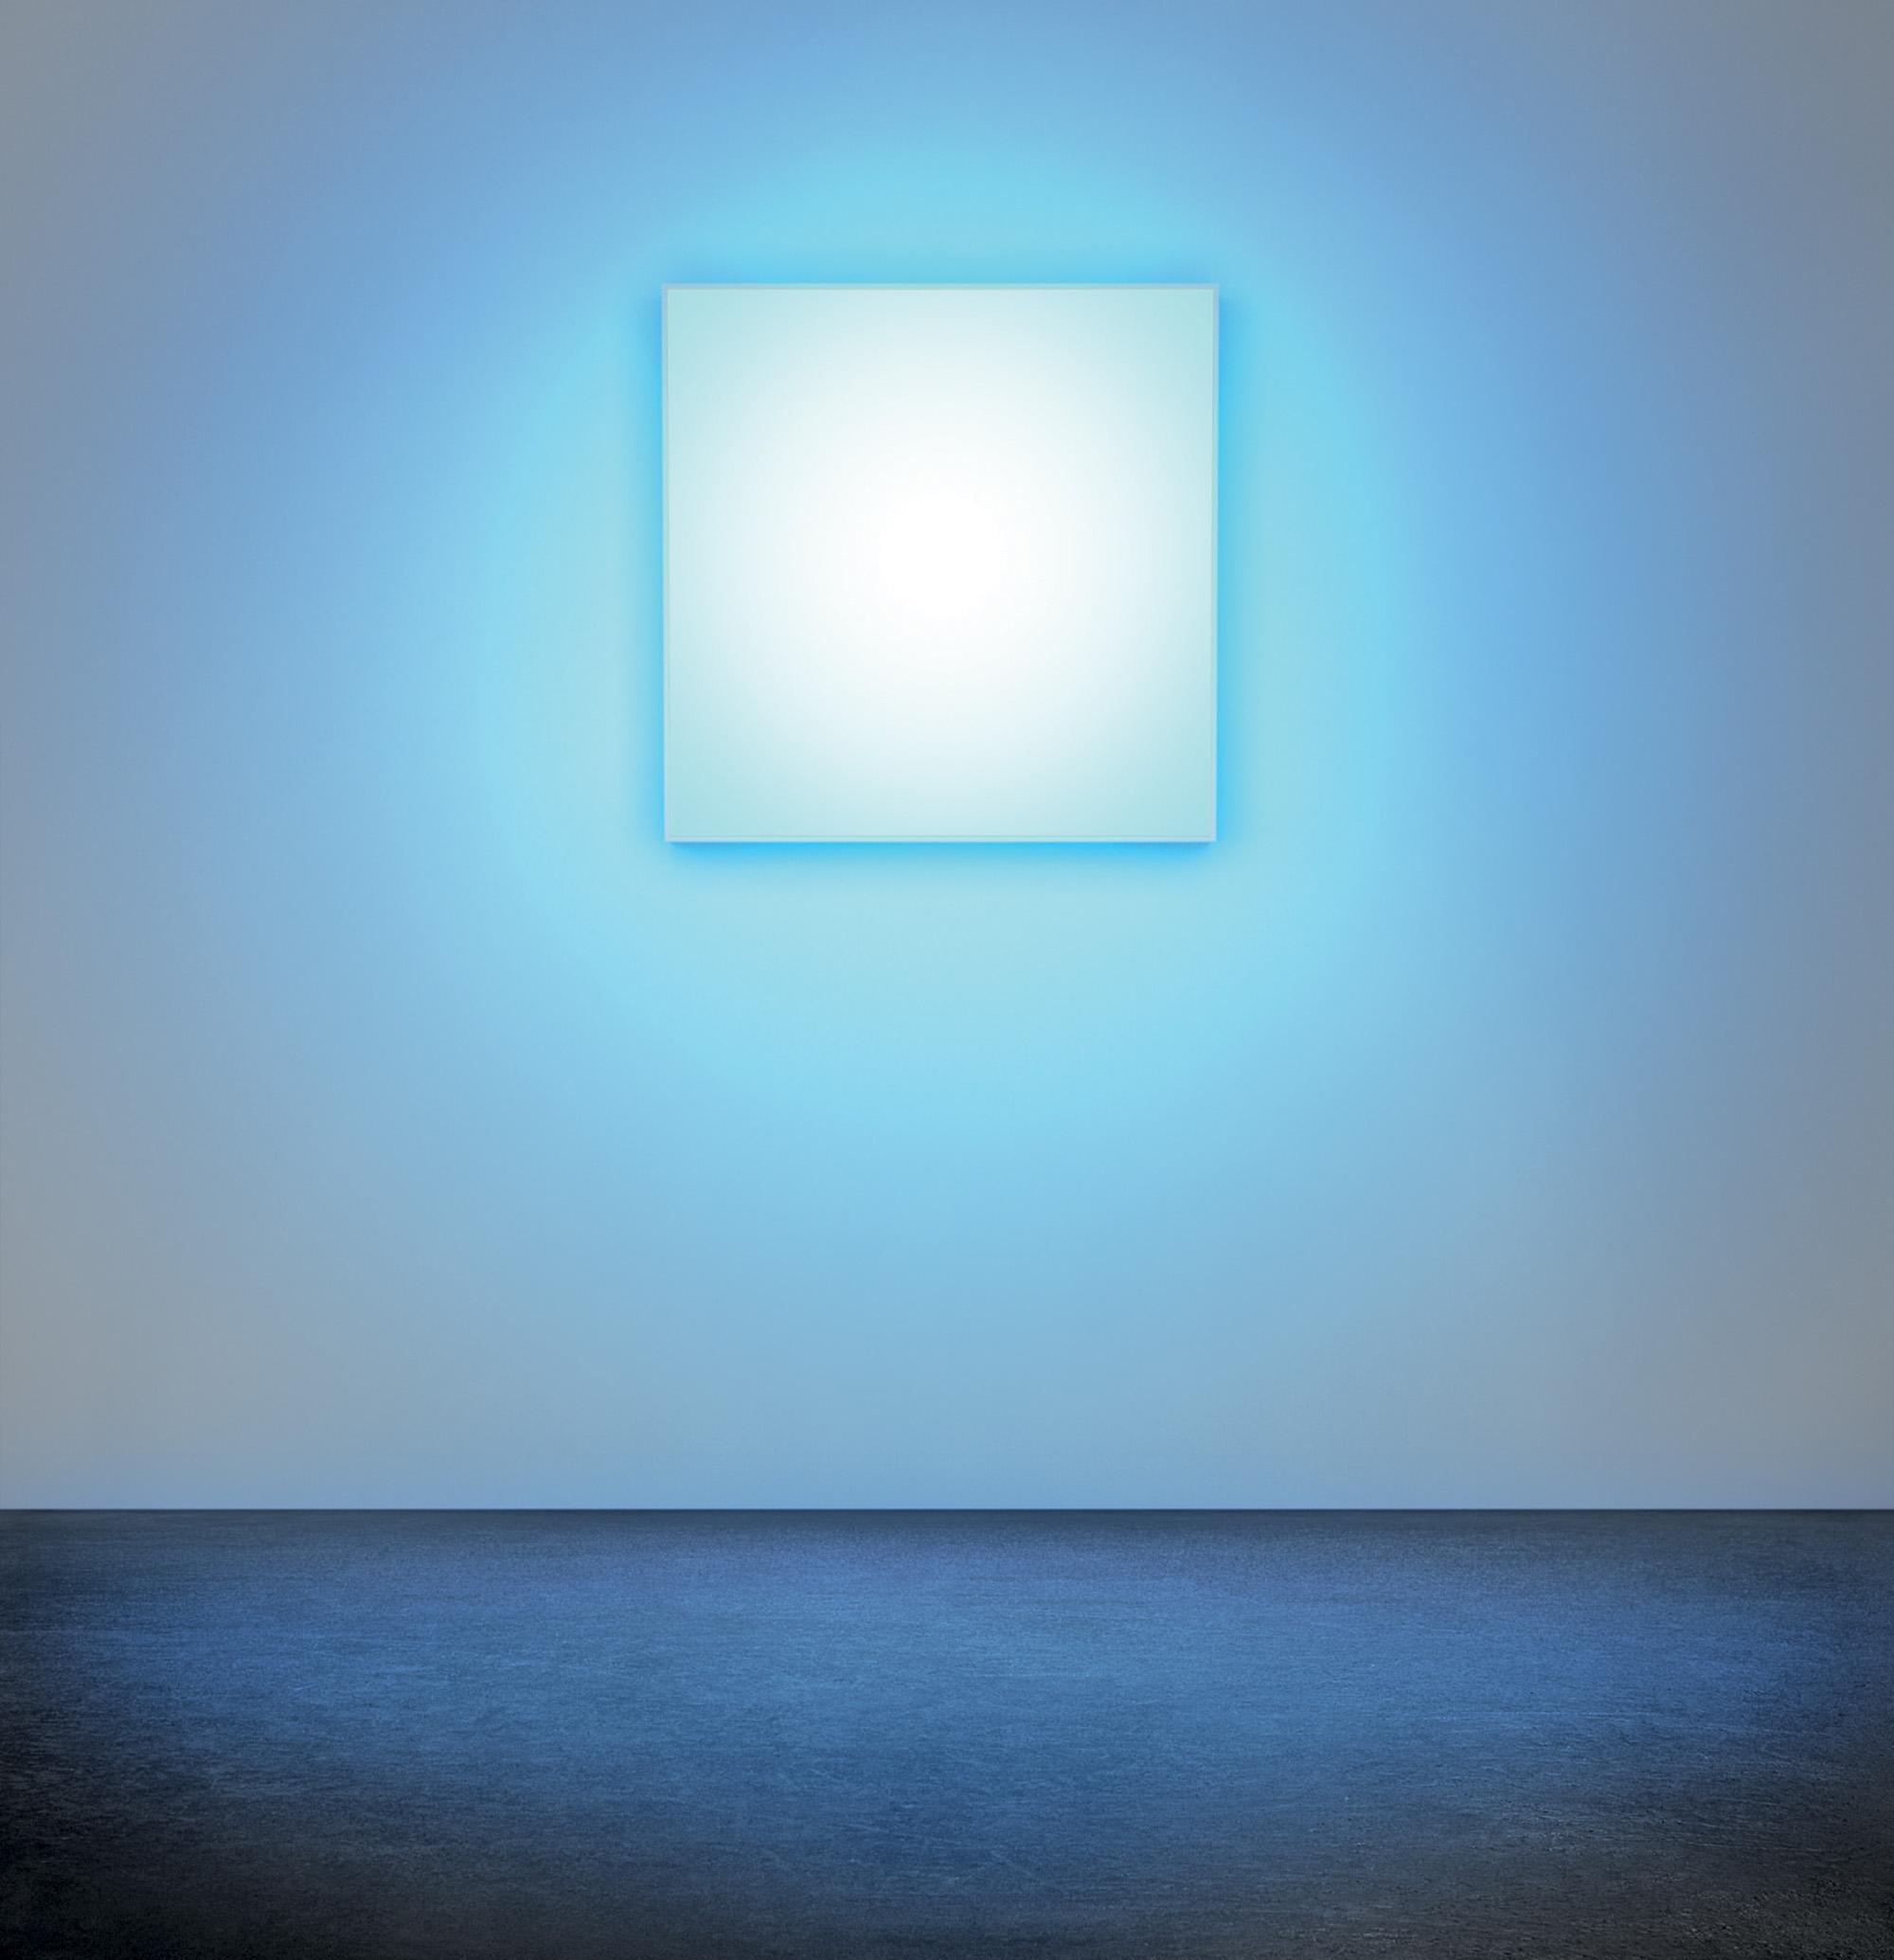 sáng tạo tác phẩm nghệ thuật Pixel